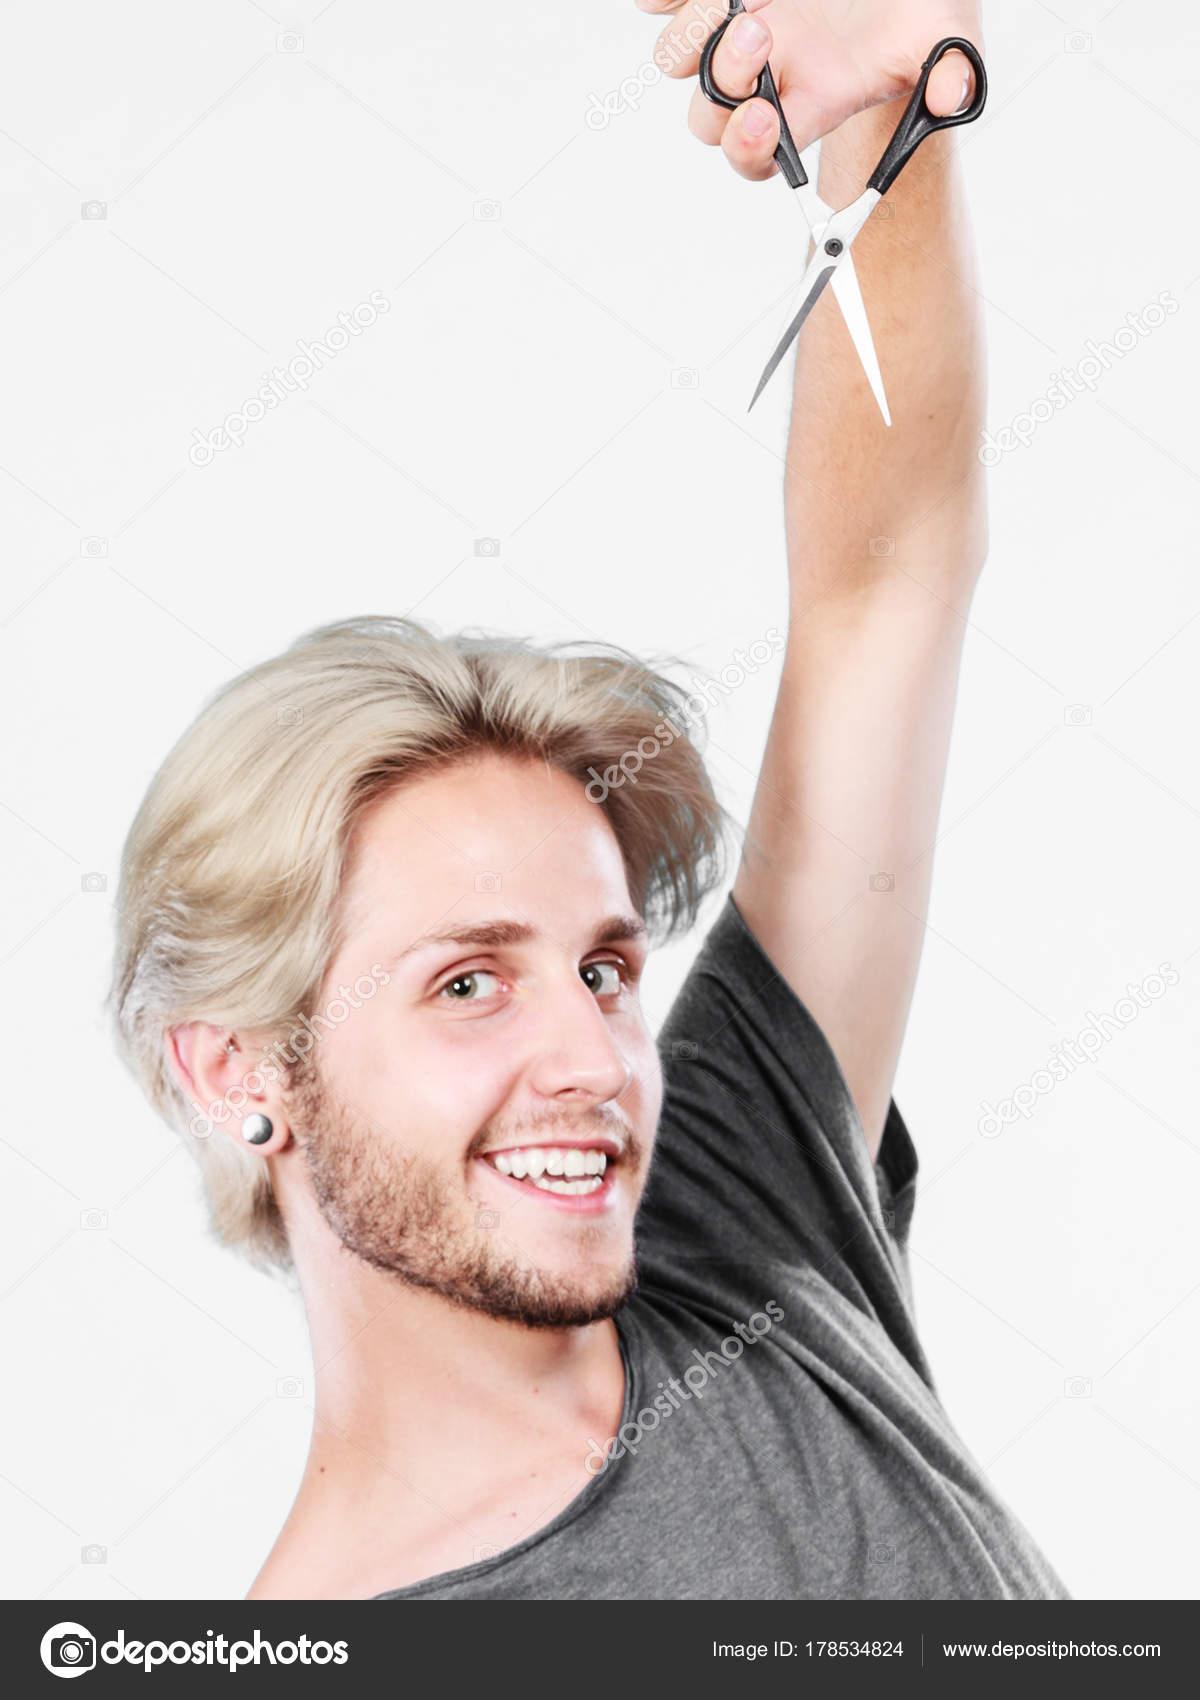 Fotos Cortar Pelo Hombre Hombre Con Unas Tijeras Dispuestas A - Cortar-pelo-hombre